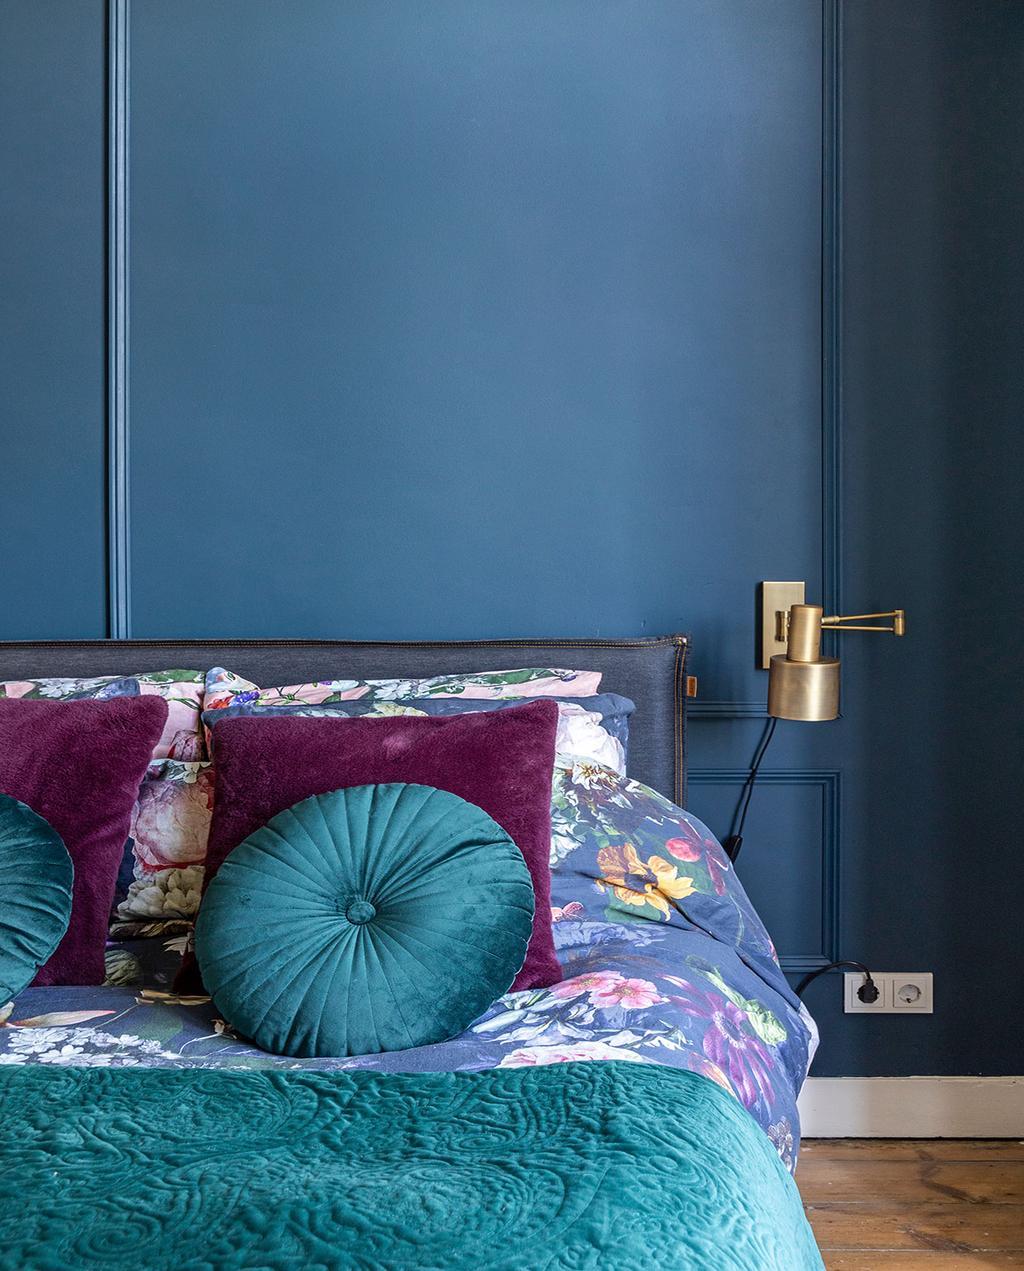 vtwonen 01-2021 | binnenkijken bij interior junkie blauw geverfde slaapkamer met opgemaakt bed, met paarse kussens